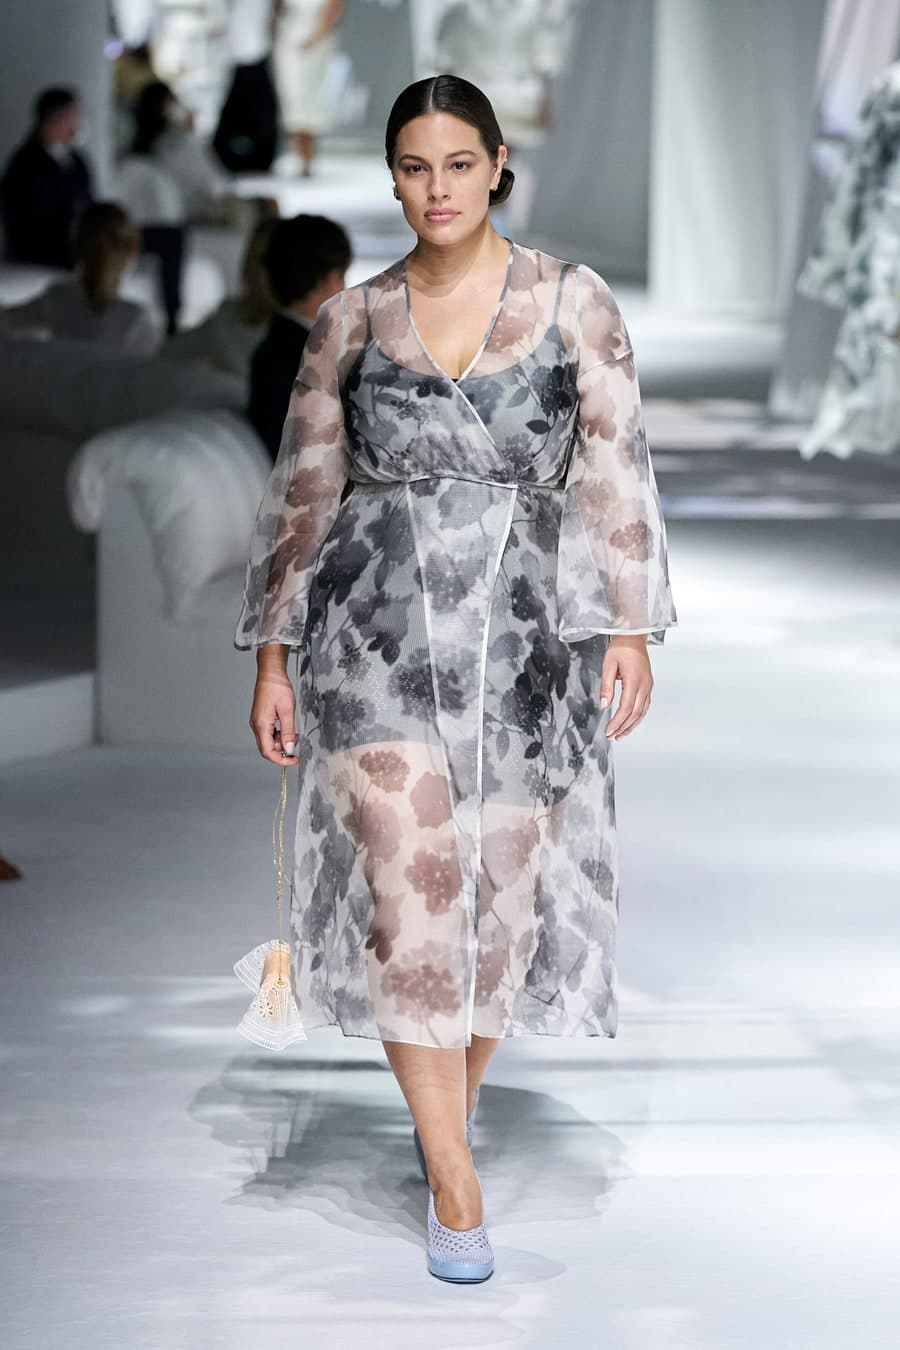 Ashley Graham tái xuất trên sàn diễn của Fendi hồi cuối tháng 9 sau khi sinh con đầu lòng. Ashley Graham là gương mặt tiên phong để khẳng định vị trí của người mẫu ngoại cỡ trong làng mốt. Cô cho rằng phụ nữ dù có vẻ ngoài ra sao cũng xứng đáng có được chỗ đứng nếu nỗ lực. Ashley Graham còn thành công với vai trò MC.